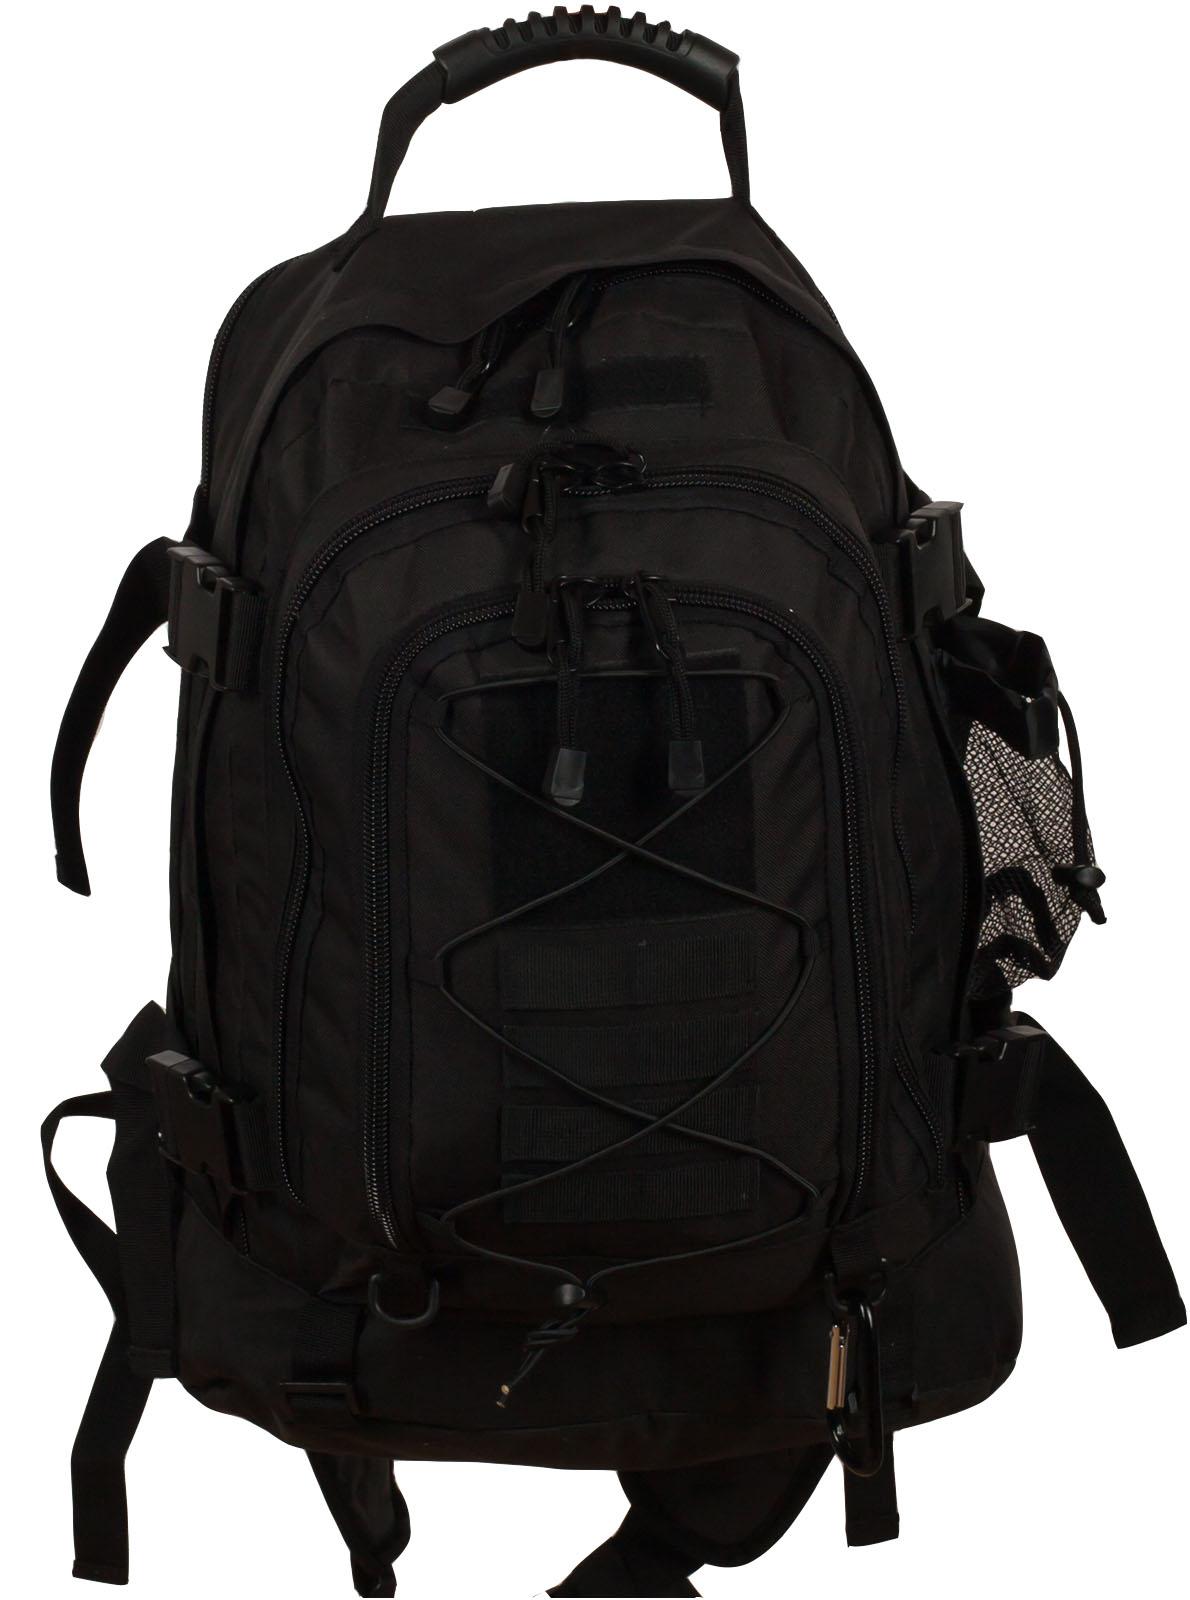 Черный тактический рюкзак с отделением для гидратора 3-Day Expandable Backpack Black в военторге Военпро